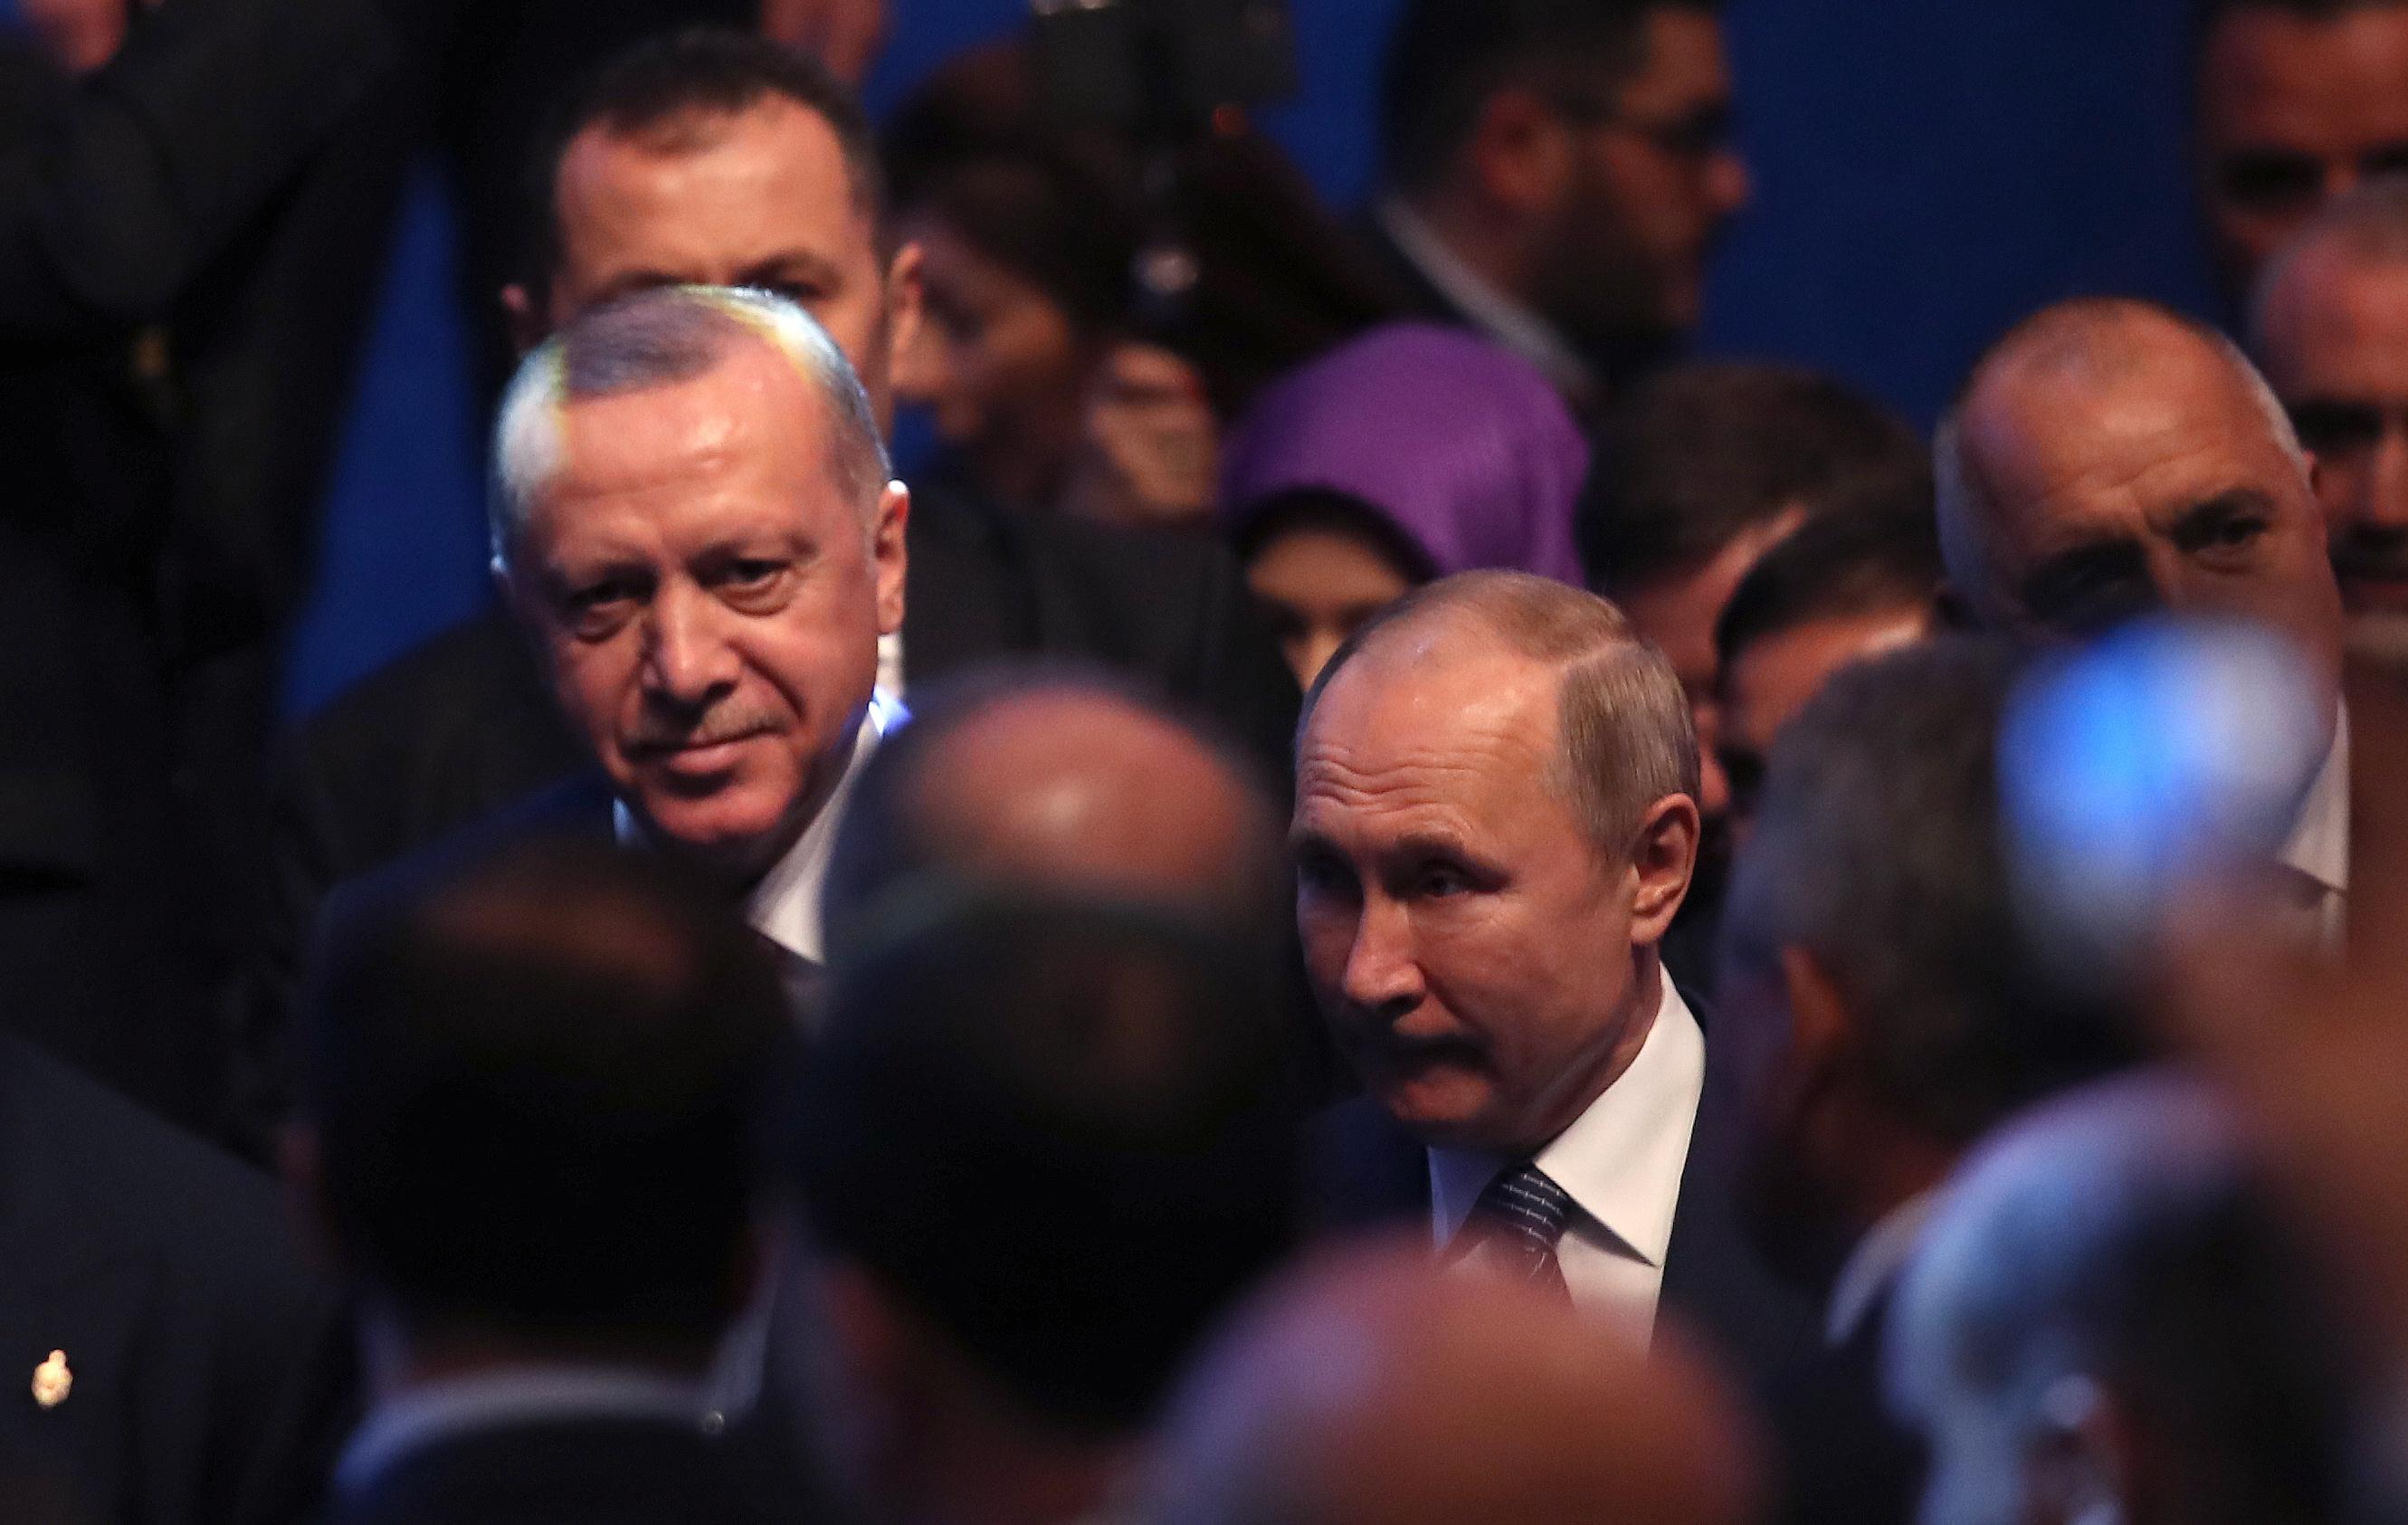 На церемонията присъстваха министър-председателят Бойко Борисов и президентите на Русия и Турция Владимир Путин и Реджеп Тайип Ердоган